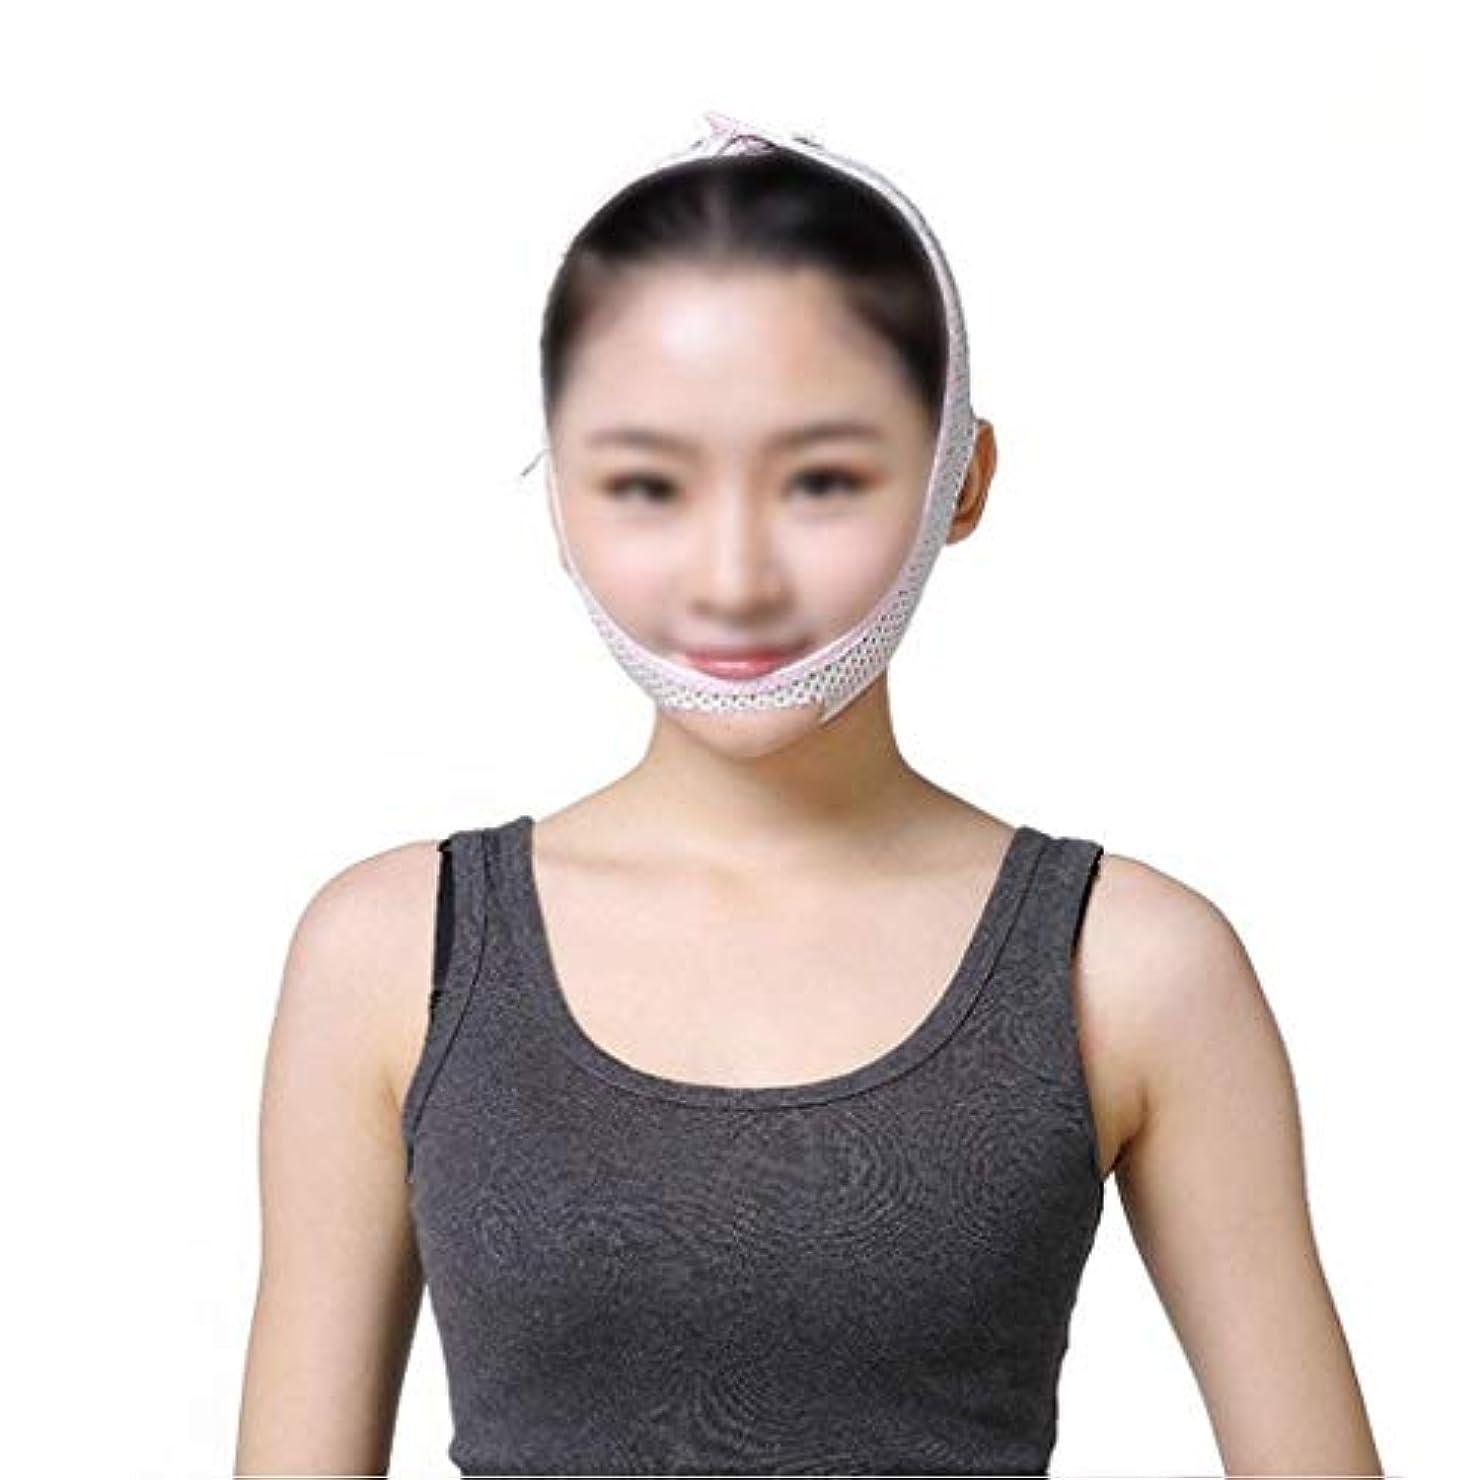 むしゃむしゃメイエラ機械フェイスリフティングマスク、快適で リフティングスキンファーミングスリープシンフェイスアーティファクトアンチリンクル/リムーブダブルチン/術後回復マスク(サイズ:L)